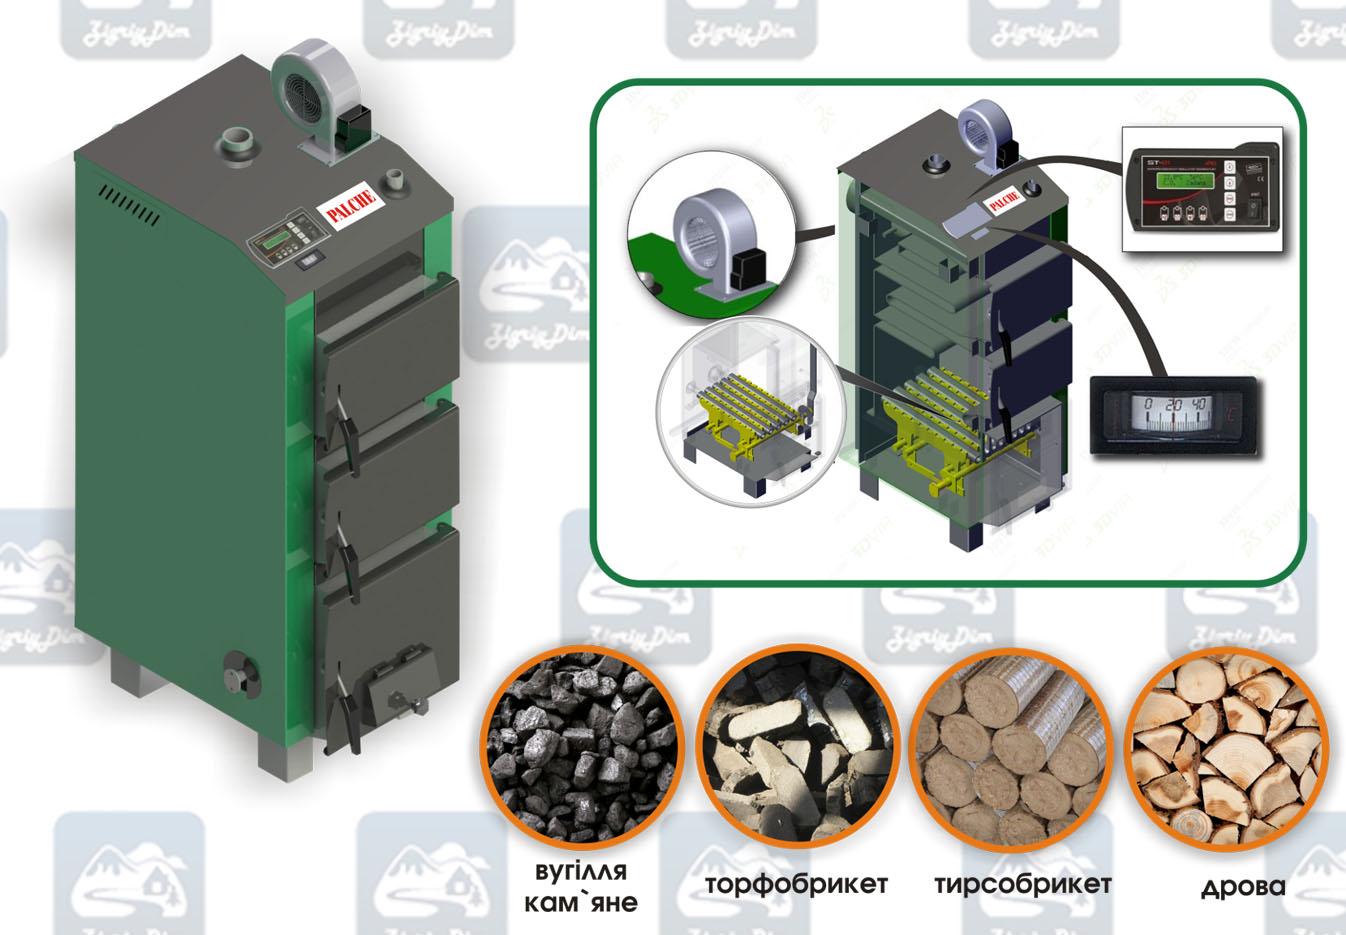 Схема твердотопливного котла Palche с автоматикой и очистителем колосников